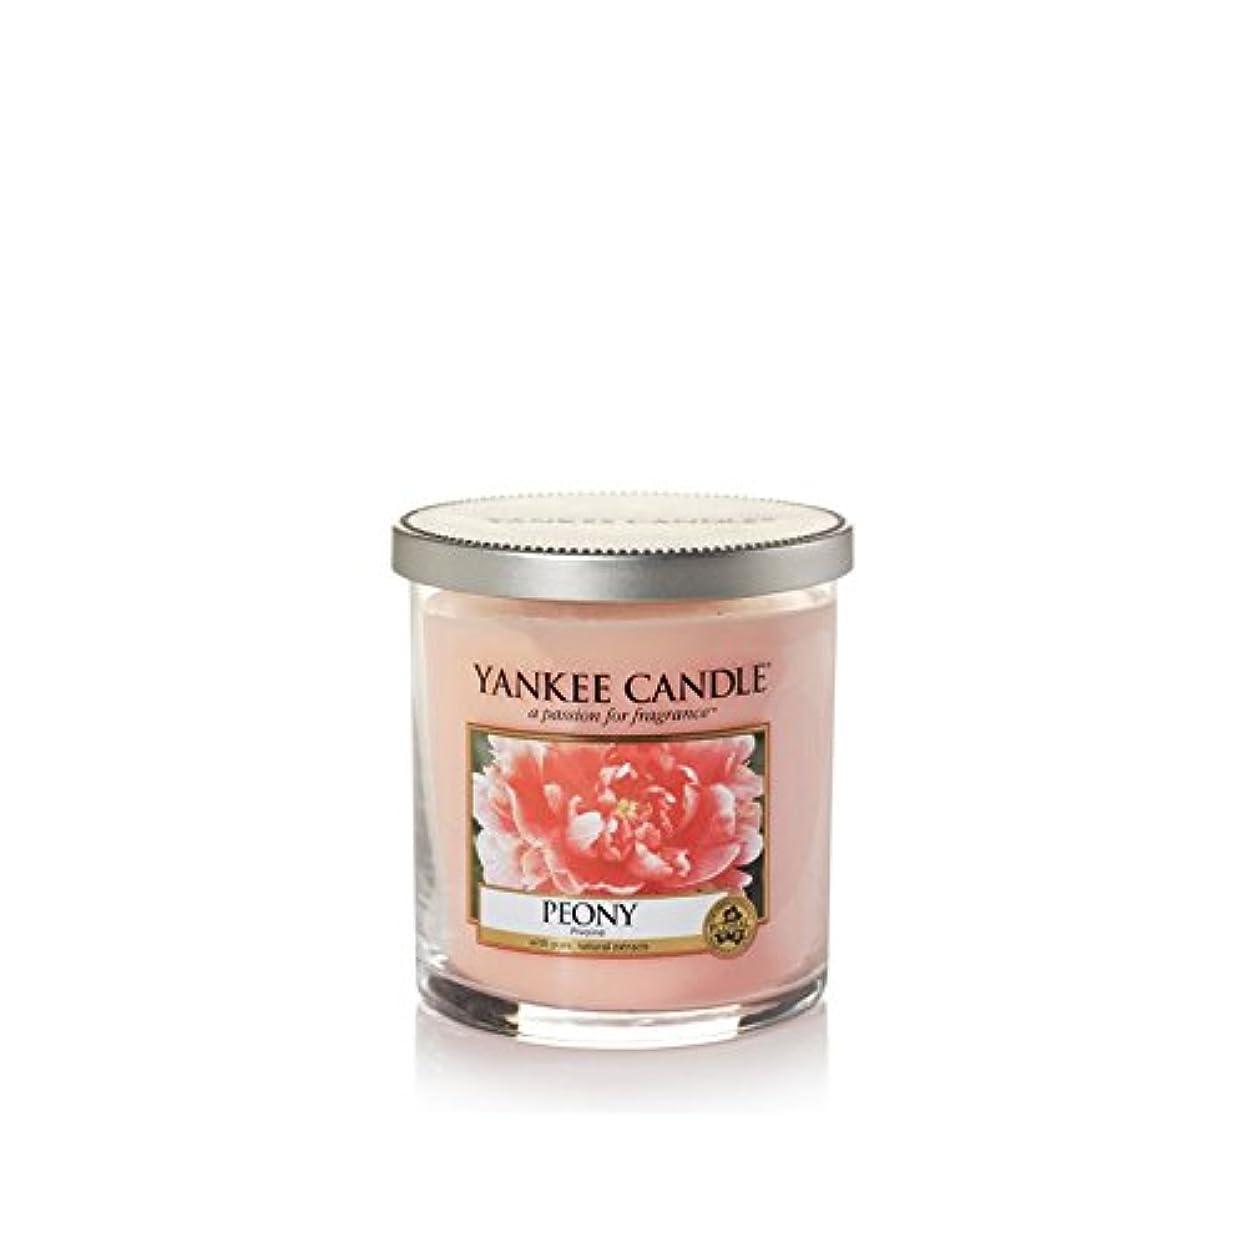 フィードバックコードレスおじさんYankee Candles Small Pillar Candle - Peony (Pack of 2) - ヤンキーキャンドルの小さな柱キャンドル - 牡丹 (x2) [並行輸入品]